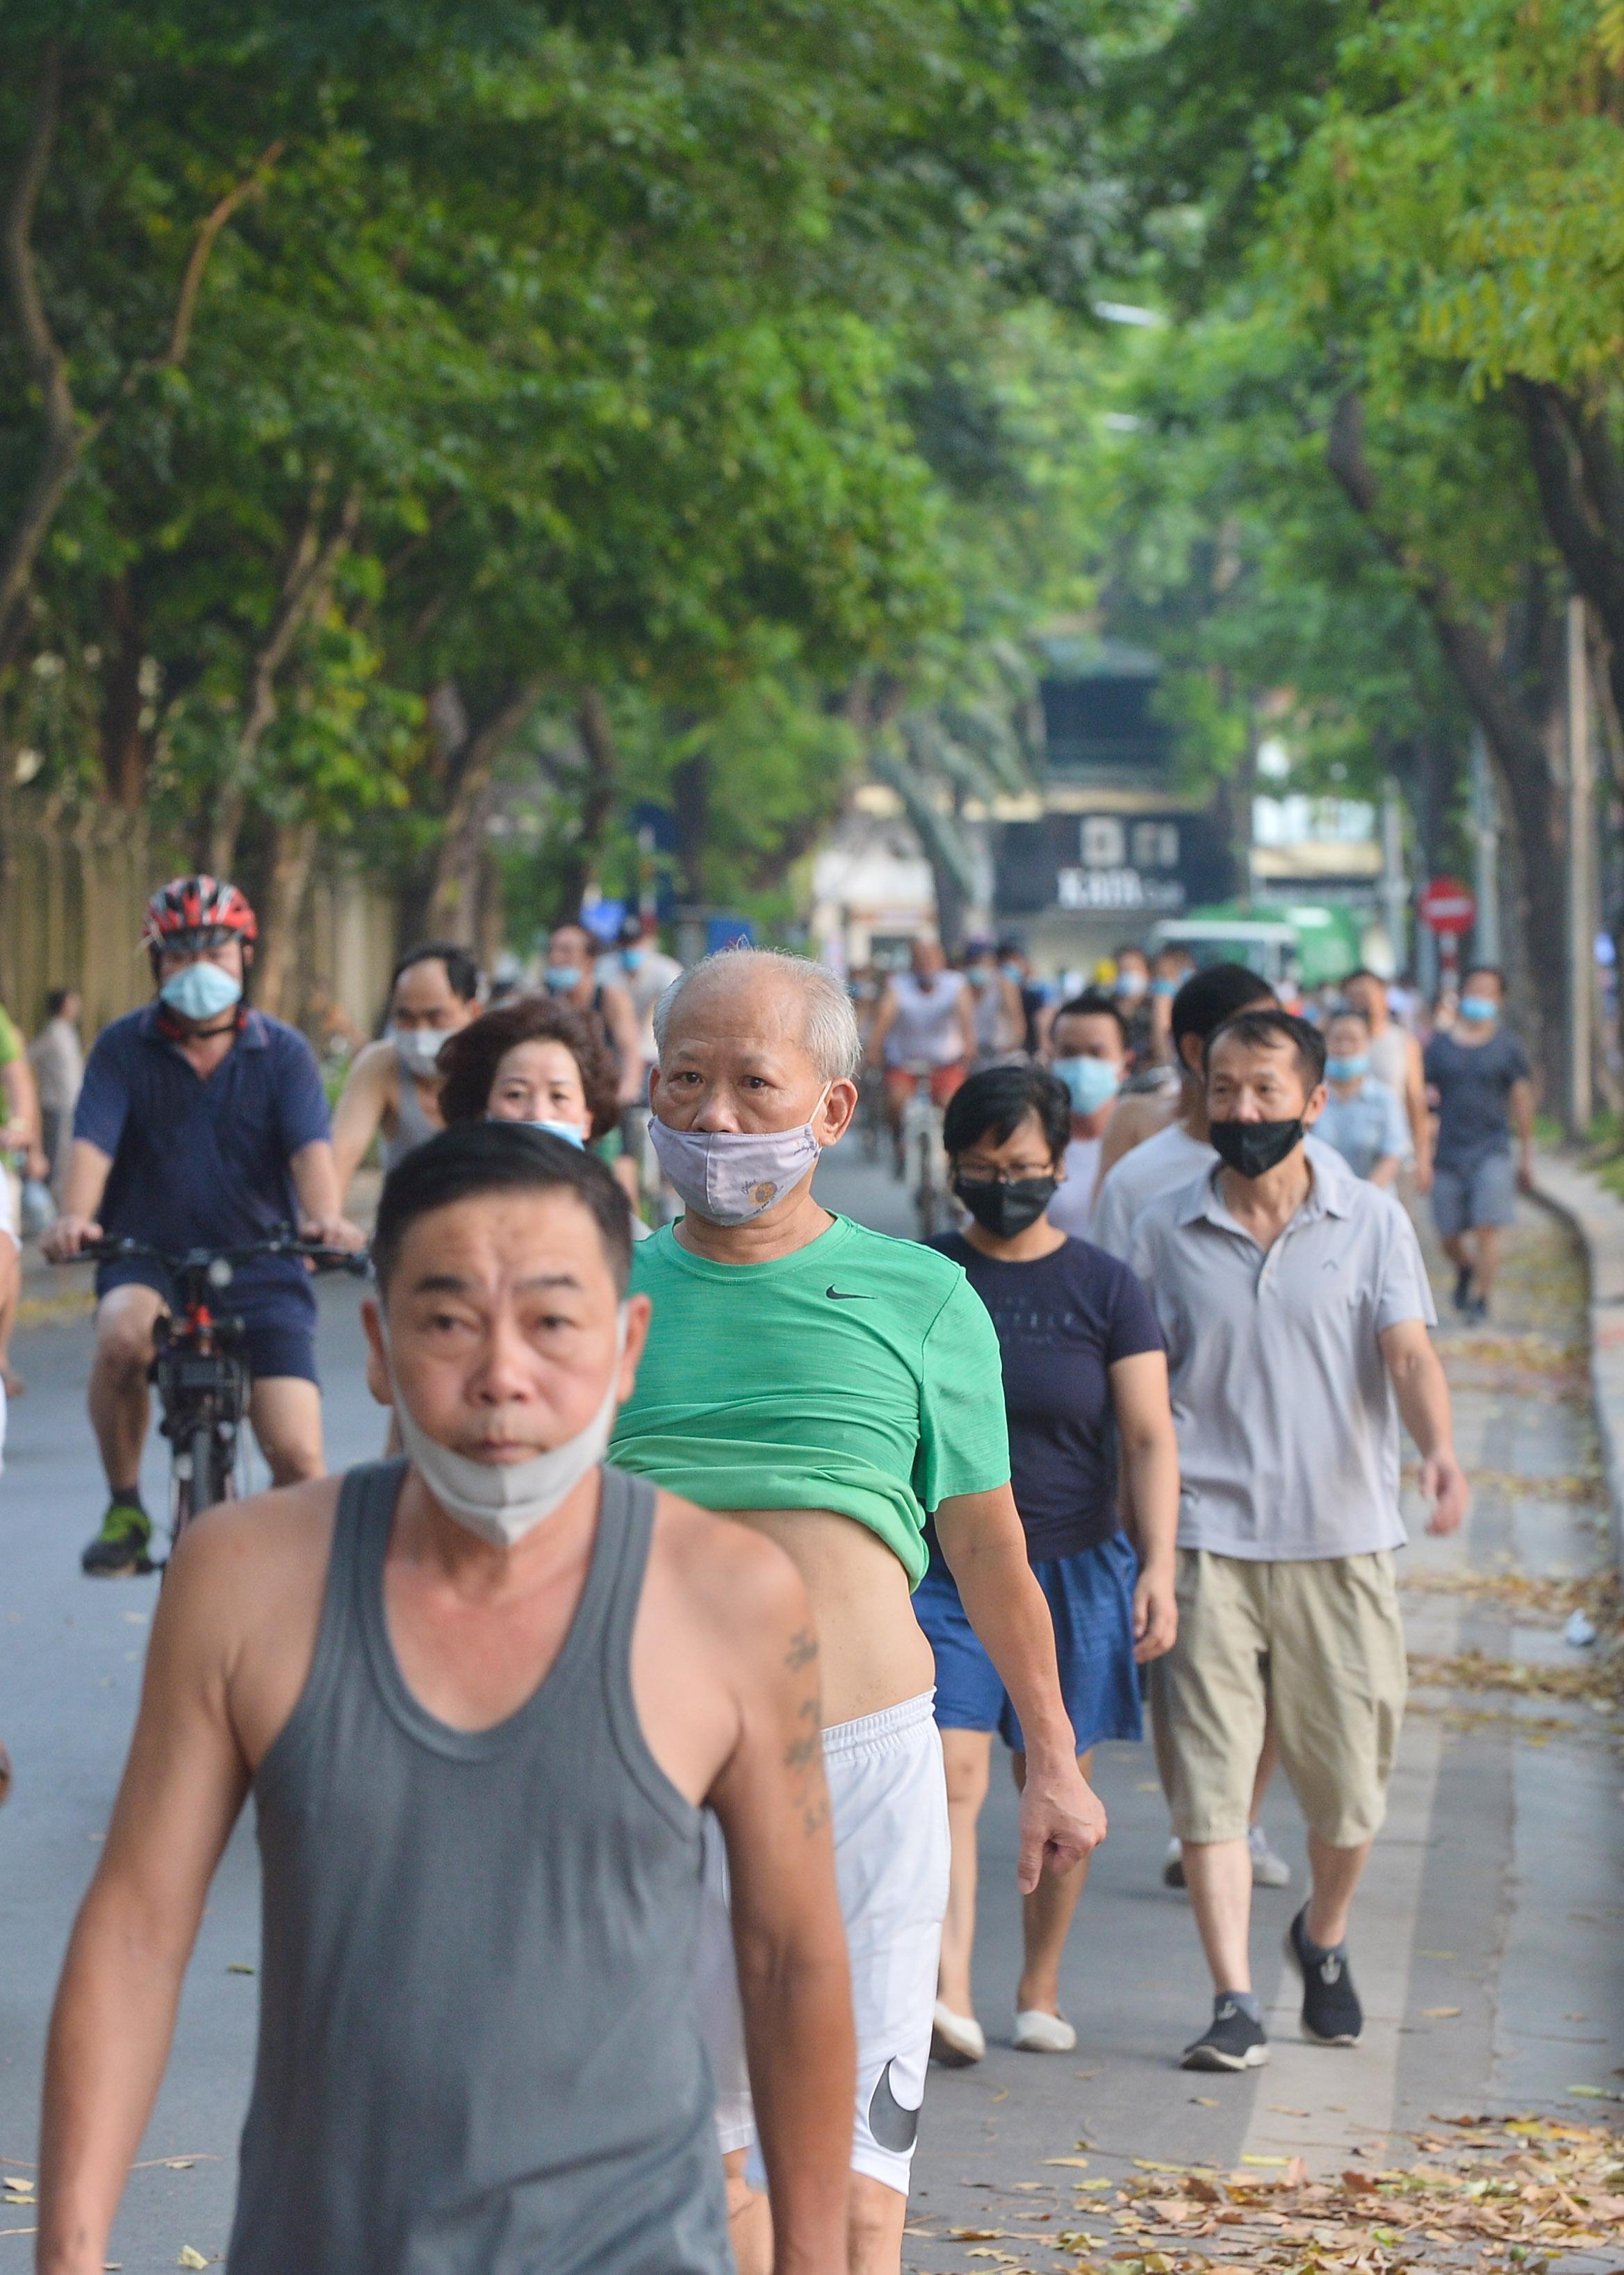 Hàng trăm người dân tập thể dục, đạp xe quanh hồ Gươm bất chấp dịch quy định phòng dịch Covid-19 - Ảnh 3.